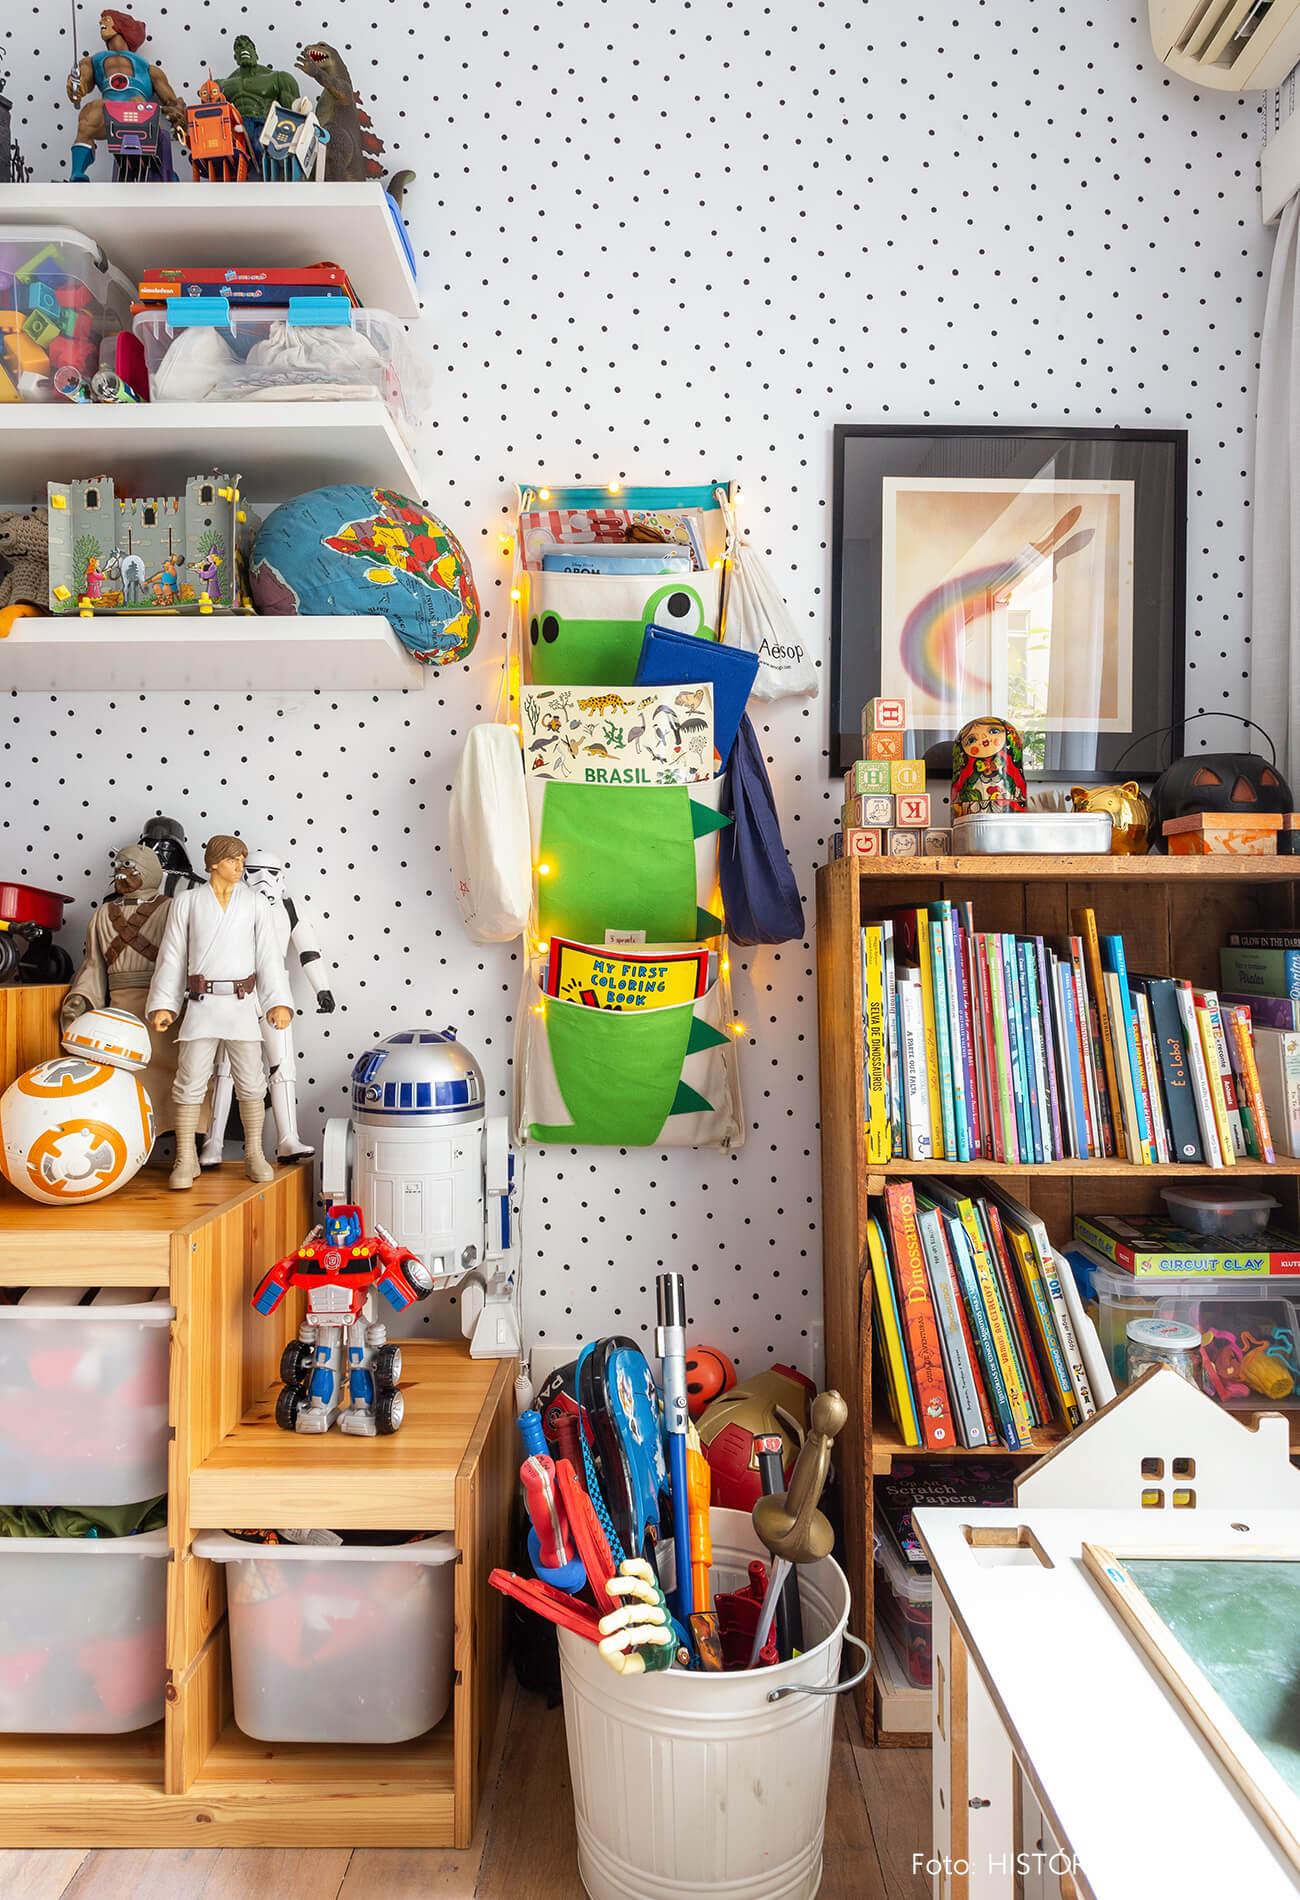 Móvel para organizar brinquedos no quarto de criança